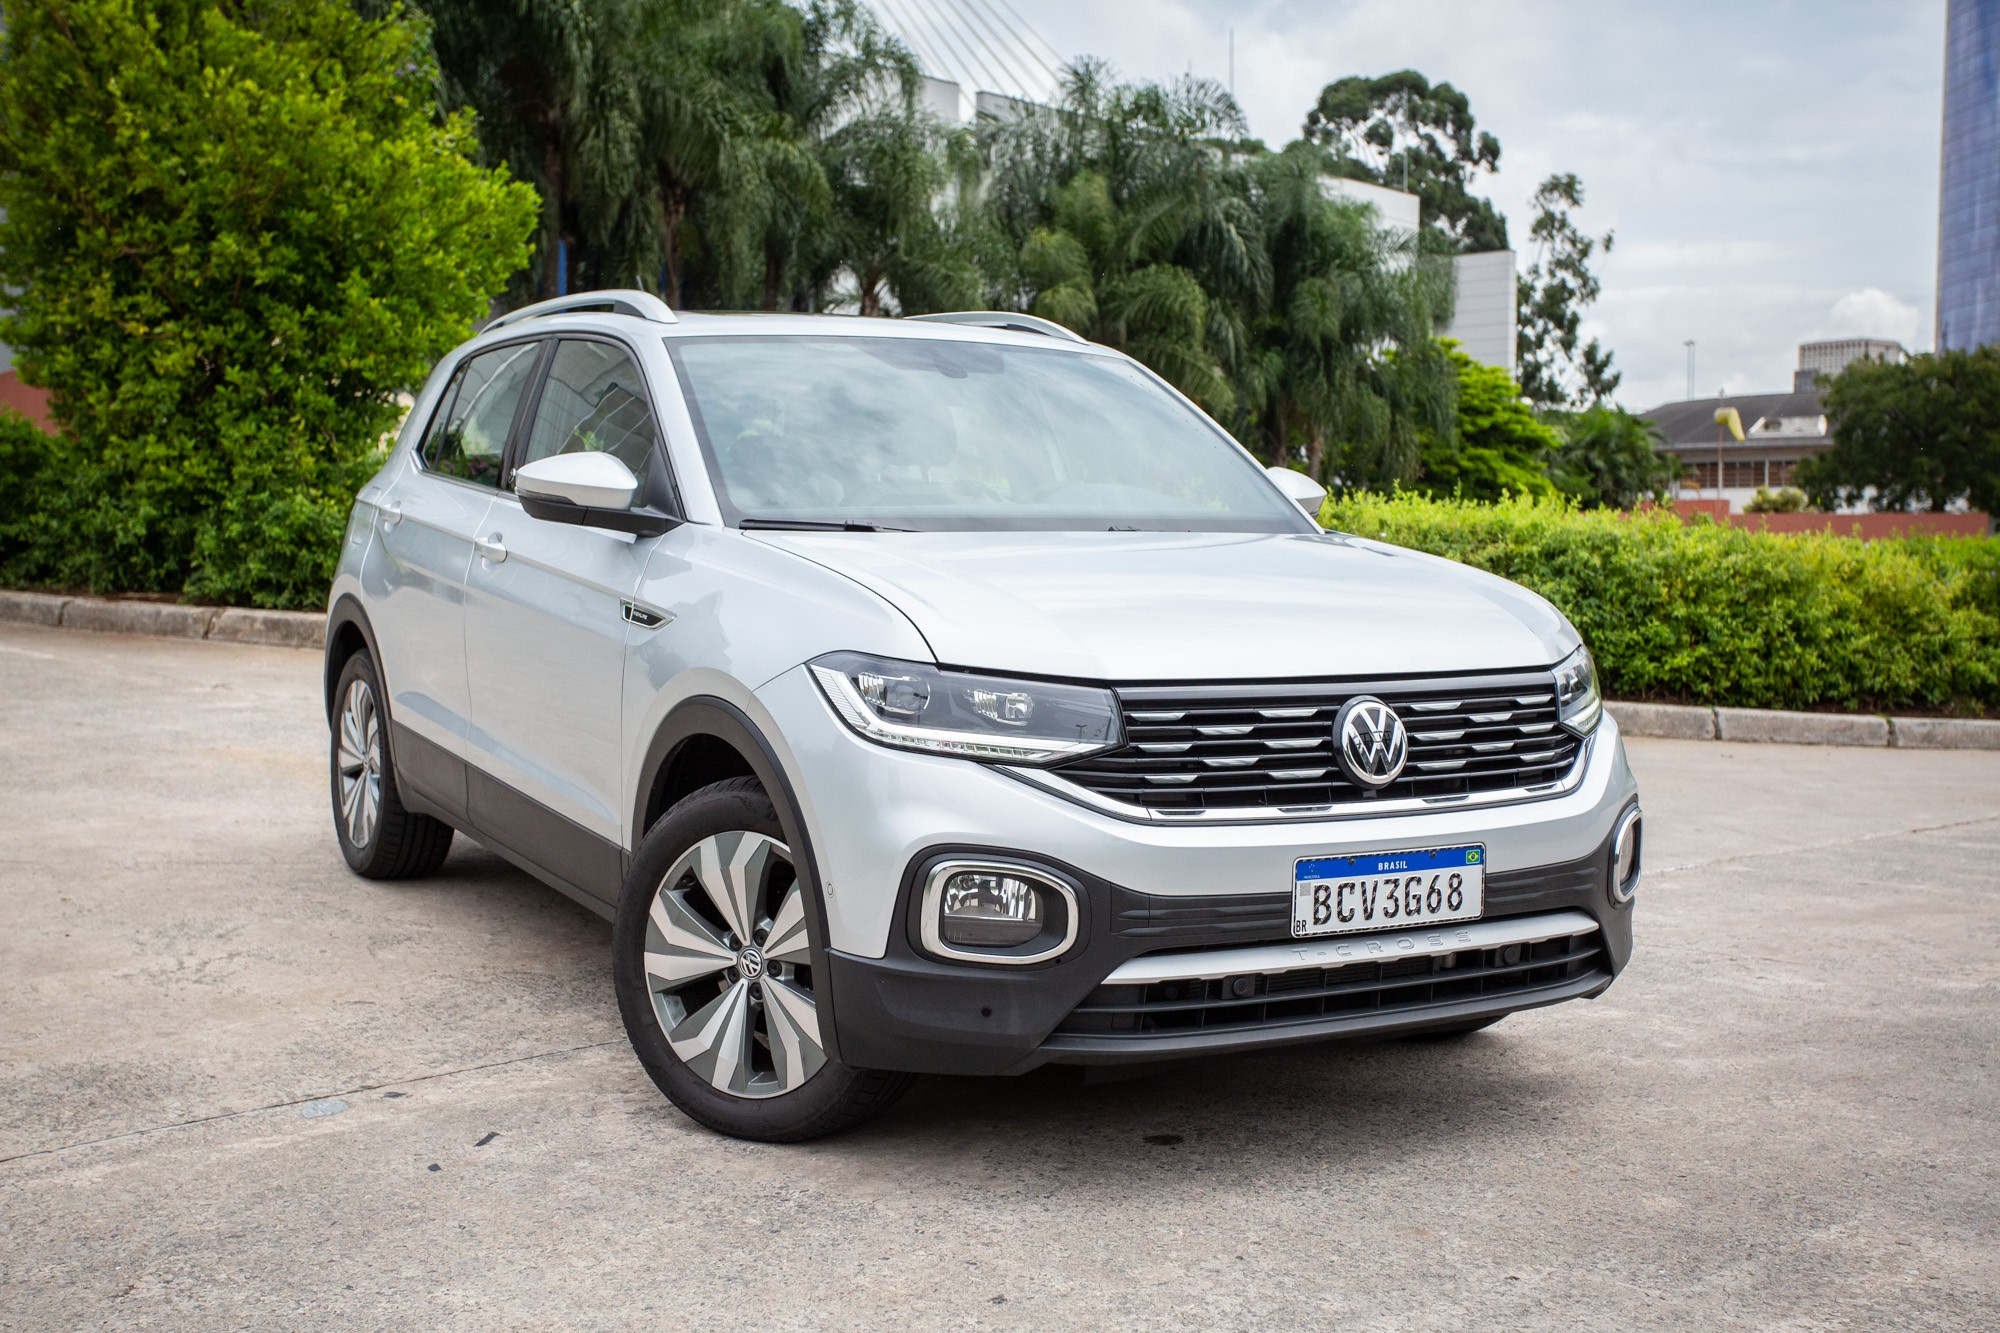 Volkswagen T-Cross passa Chevrolet Onix e é o carro mais vendido em julho; veja o top 10